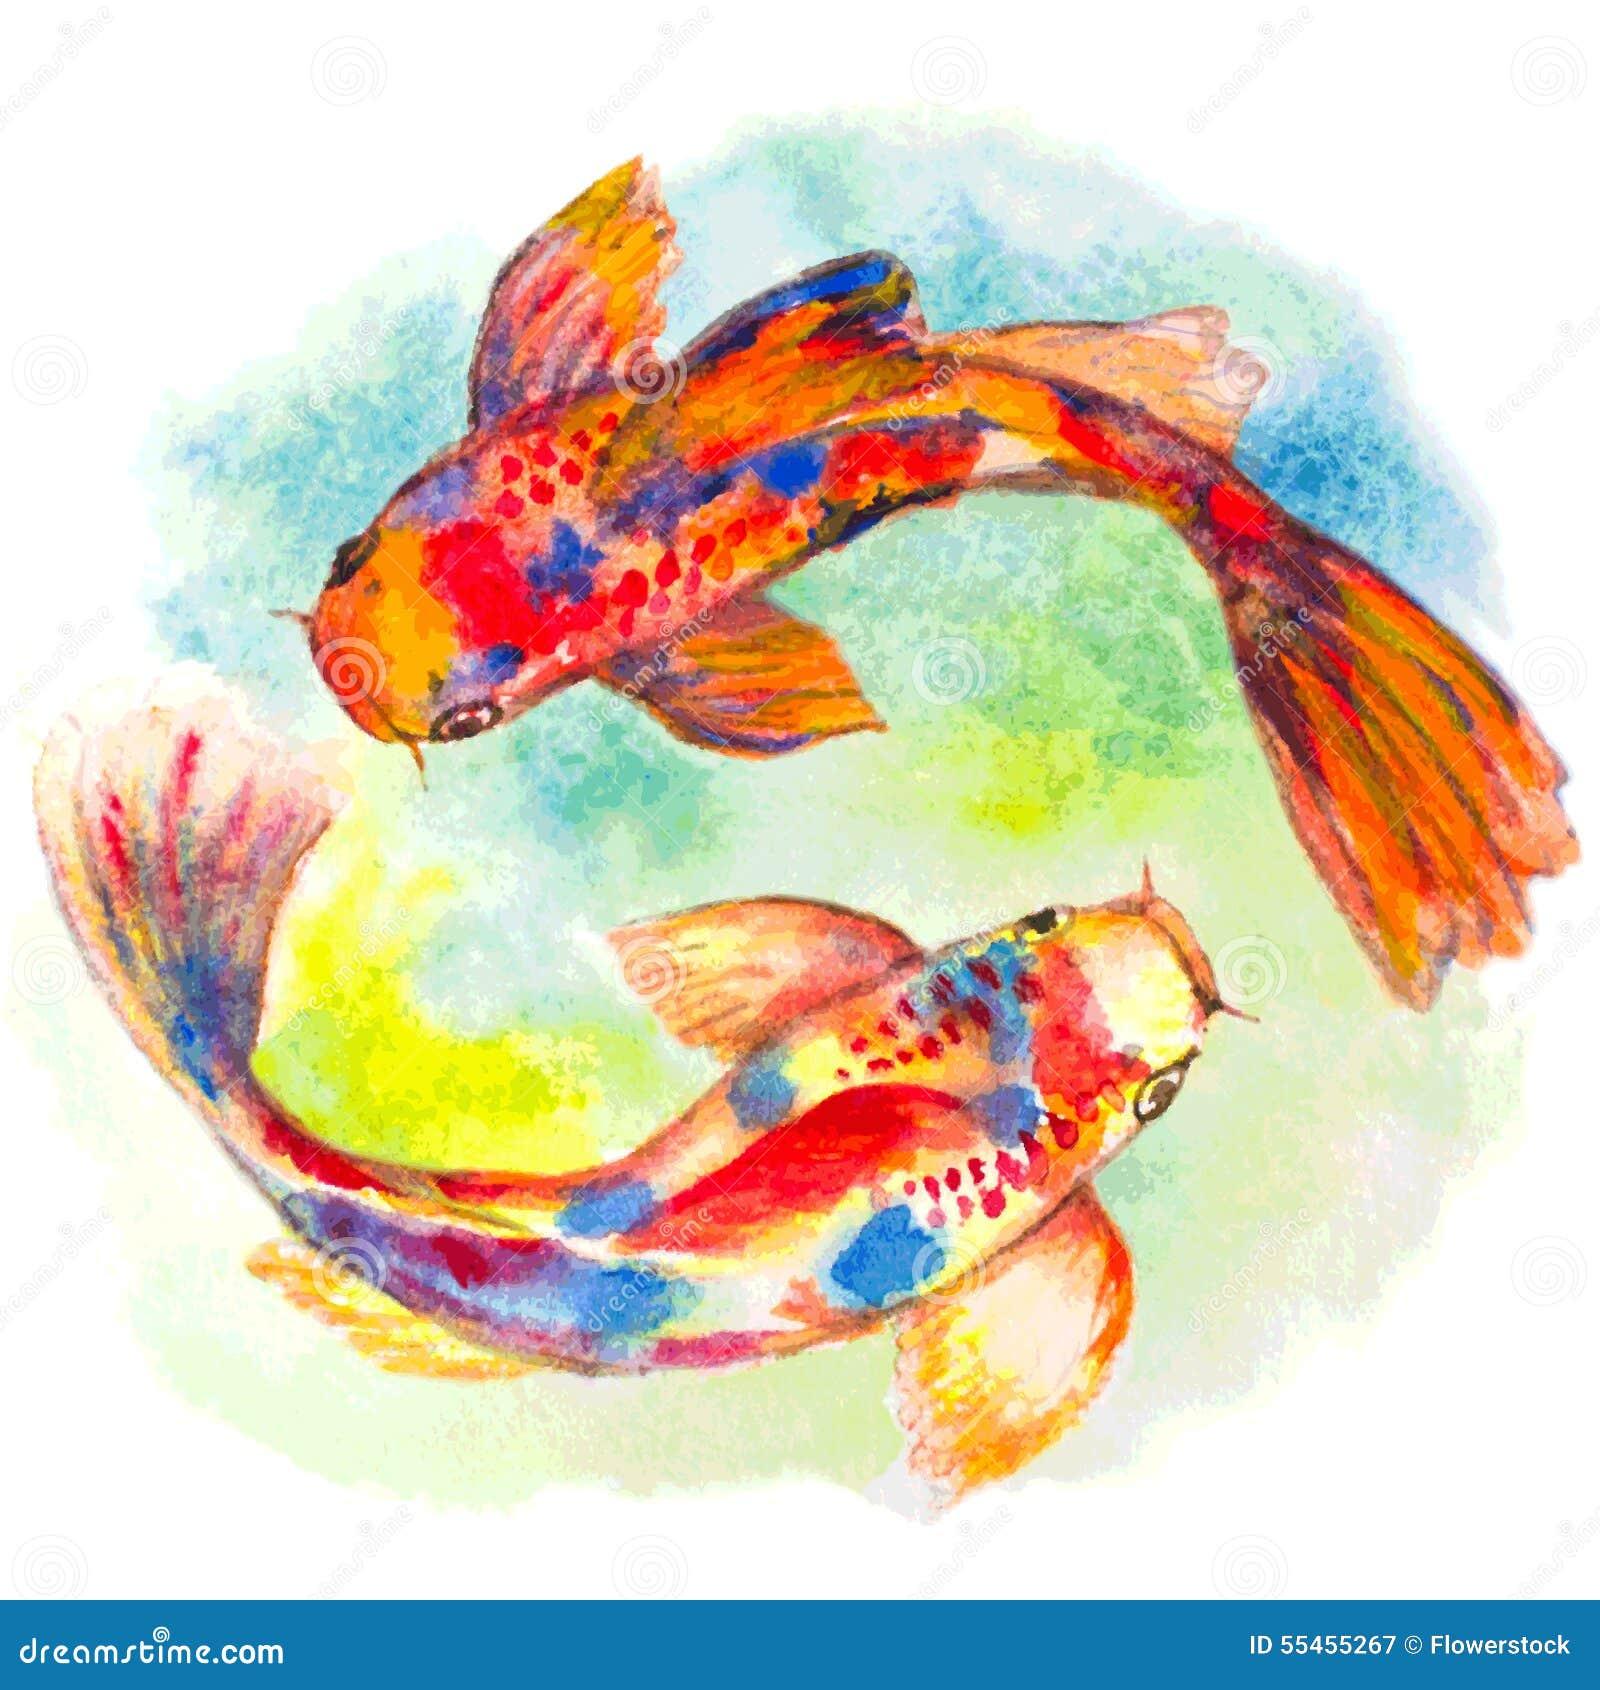 Goldfish Acrylic Painting